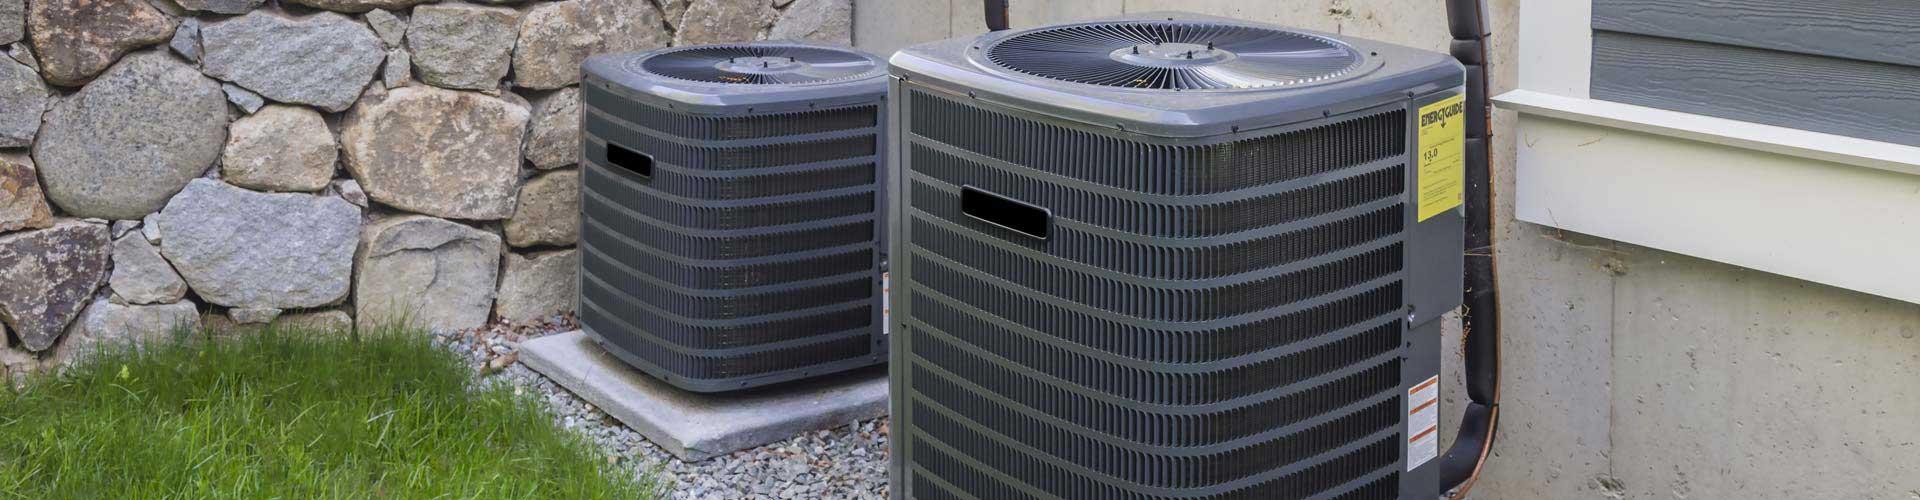 air-conditioner-repair-technicians-slide